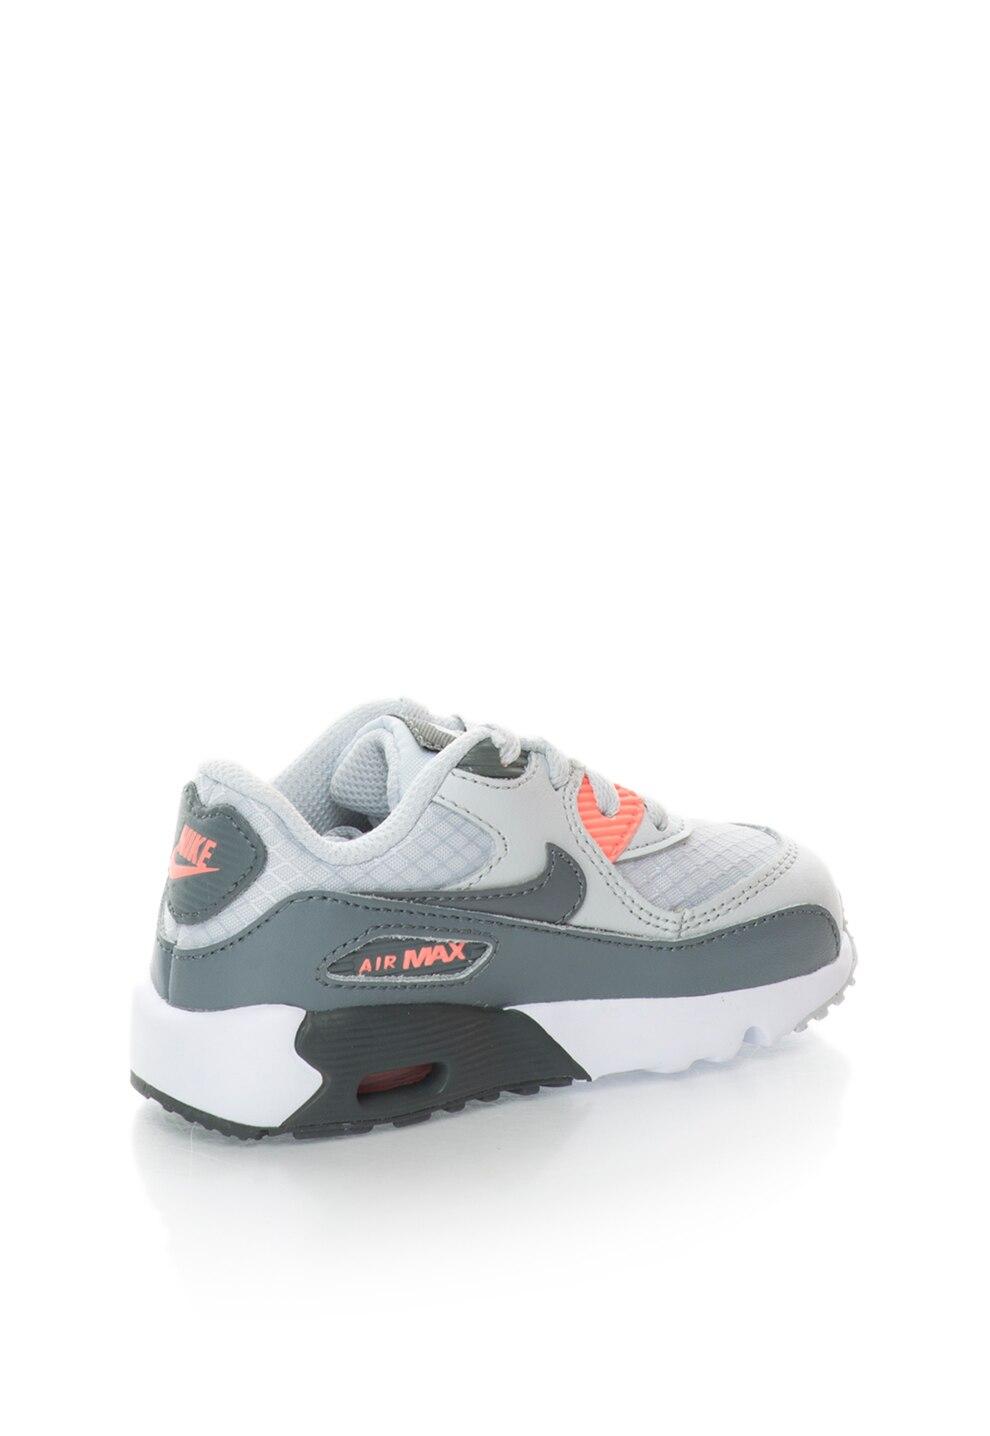 Nike Air Max 90 Szürke & Neon Korallszín Cipő 10C